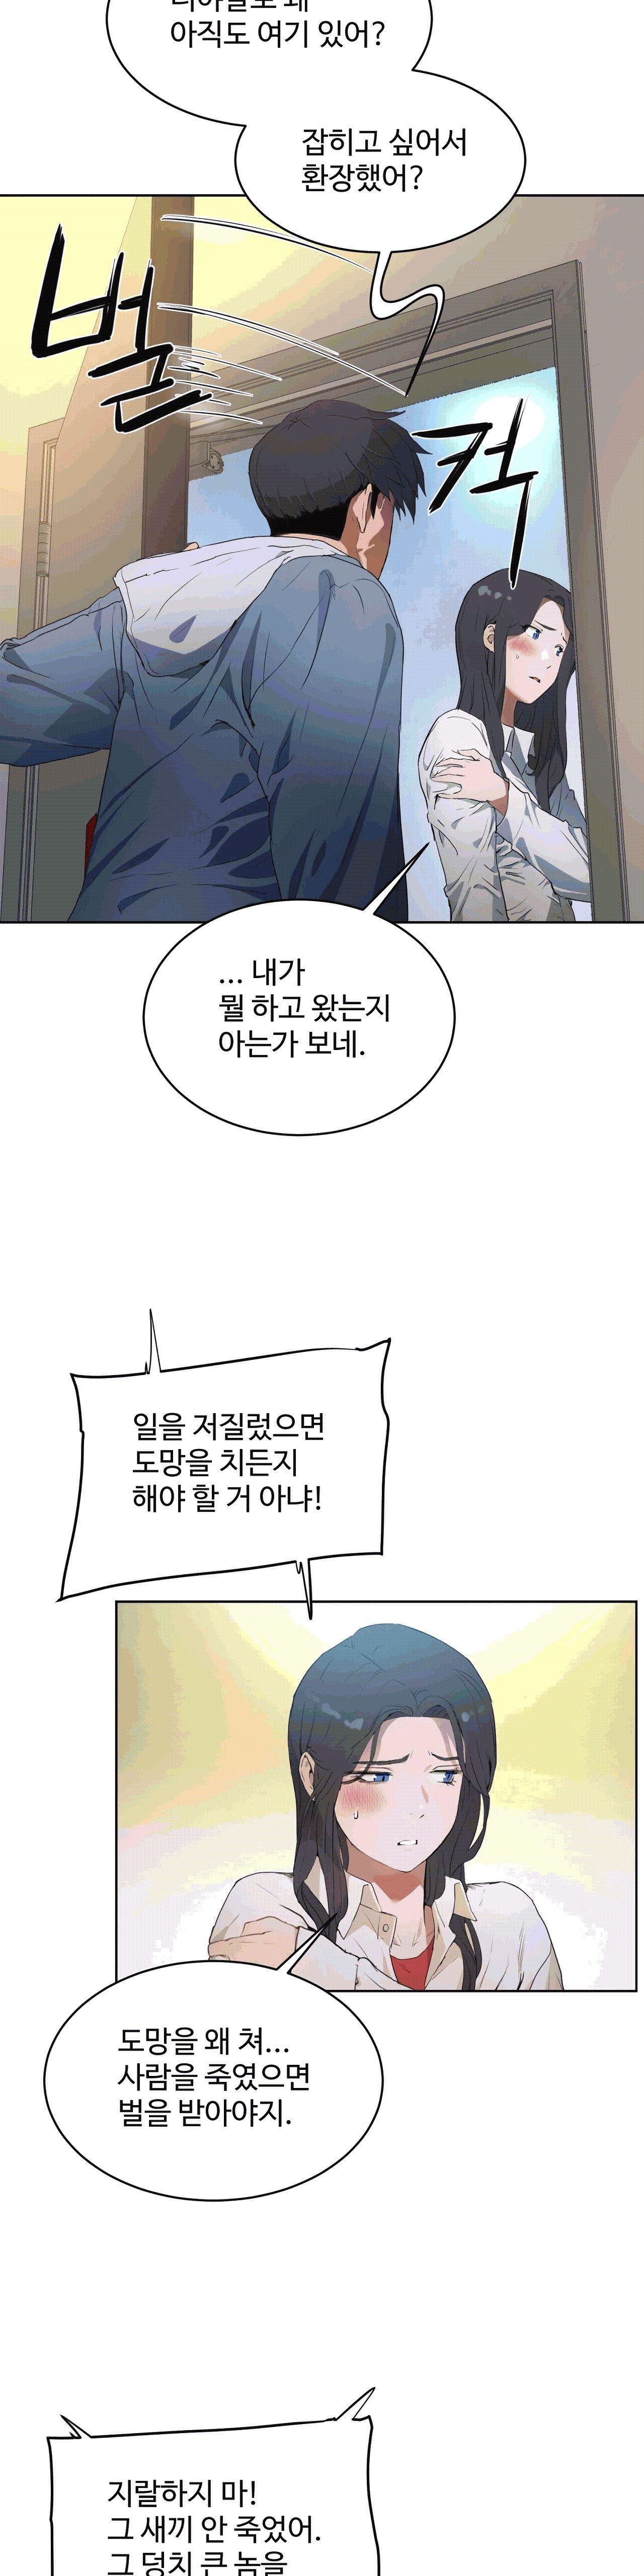 性教育 1-48.5 中文翻译(完結) 381